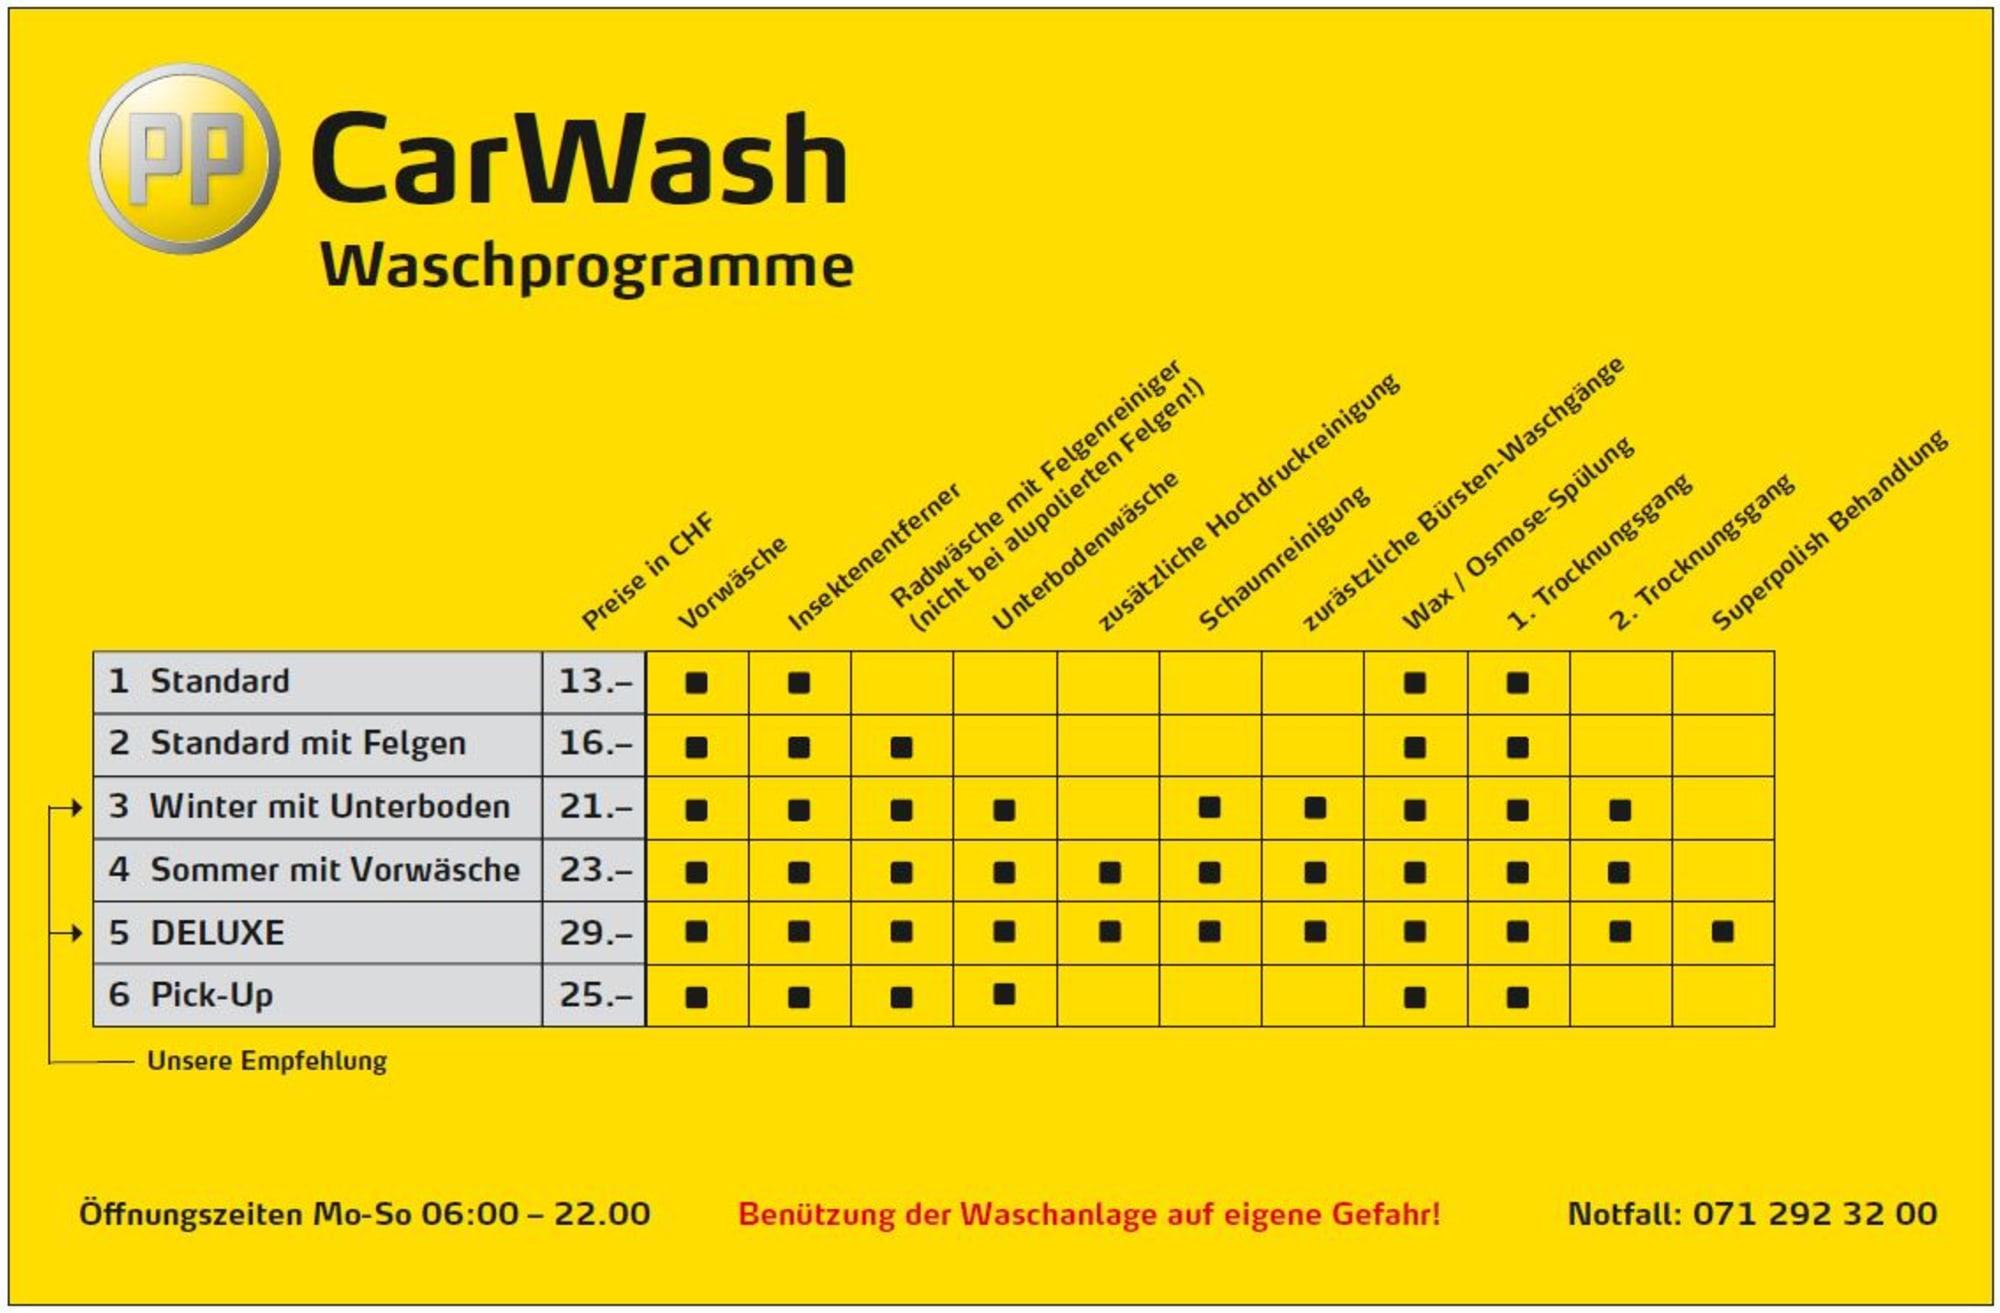 Waschprogramme